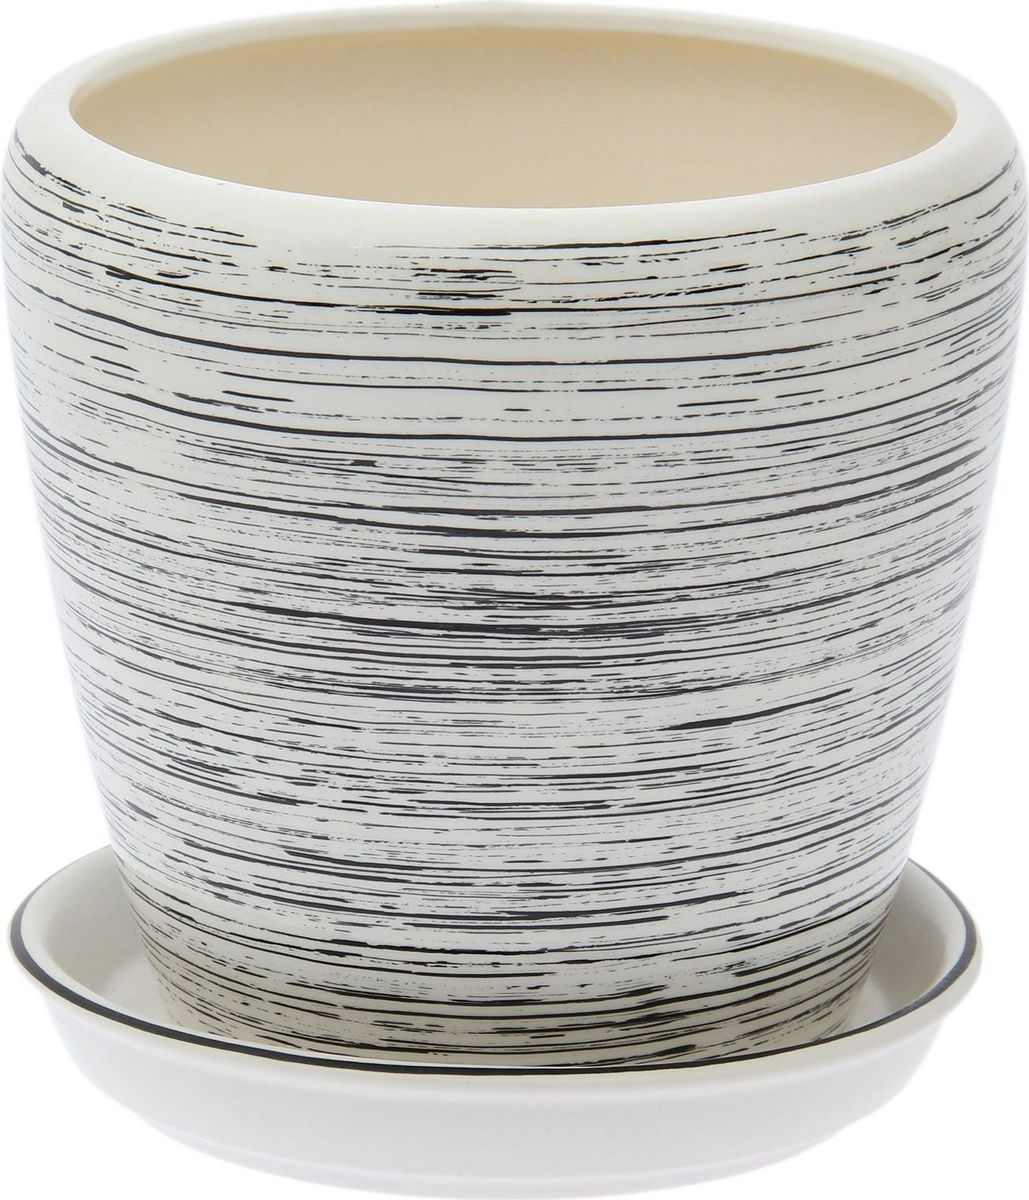 Кашпо Керамика ручной работы Грация. Глянец, цвет: черный, белый, 1,2 л1489664Комнатные растения — всеобщие любимцы. Они радуют глаз, насыщают помещение кислородом и украшают пространство. Каждому из них необходим свой удобный и красивый дом. Кашпо из керамики прекрасно подходят для высадки растений: за счёт пластичности глины и разных способов обработки существует великое множество форм и дизайновпористый материал позволяет испаряться лишней влагевоздух, необходимый для дыхания корней, проникает сквозь керамические стенки! #name# позаботится о зелёном питомце, освежит интерьер и подчеркнёт его стиль.